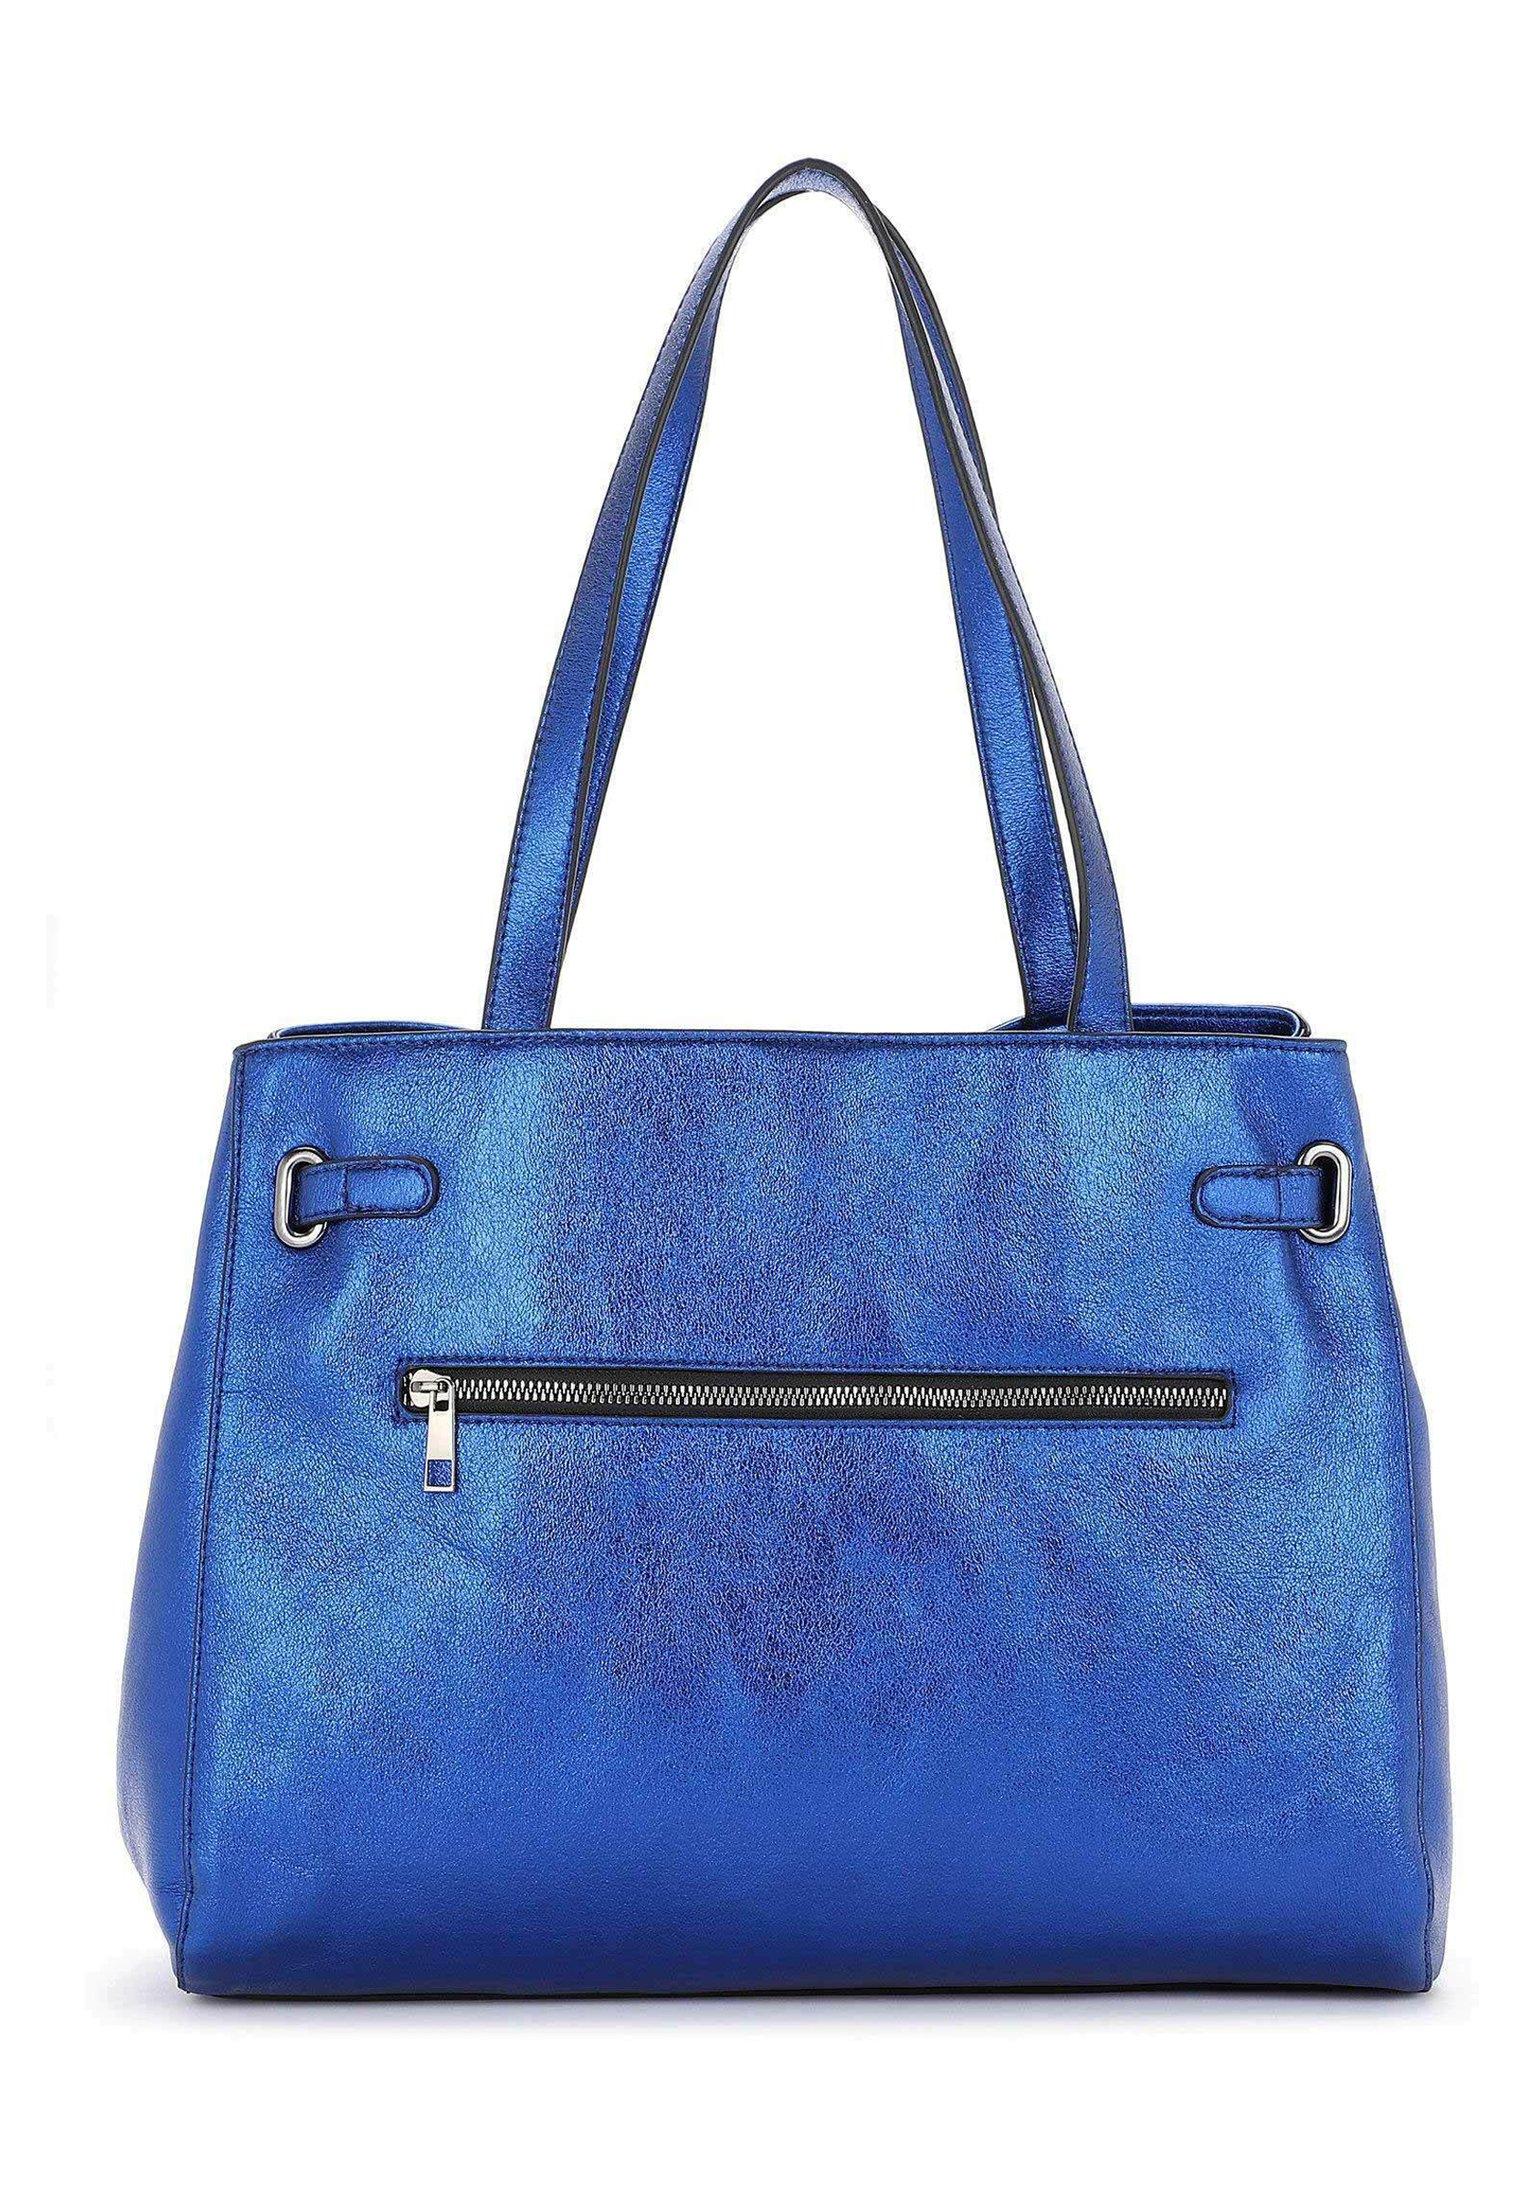 Tamaris Belinda - Shopping Bag Royal